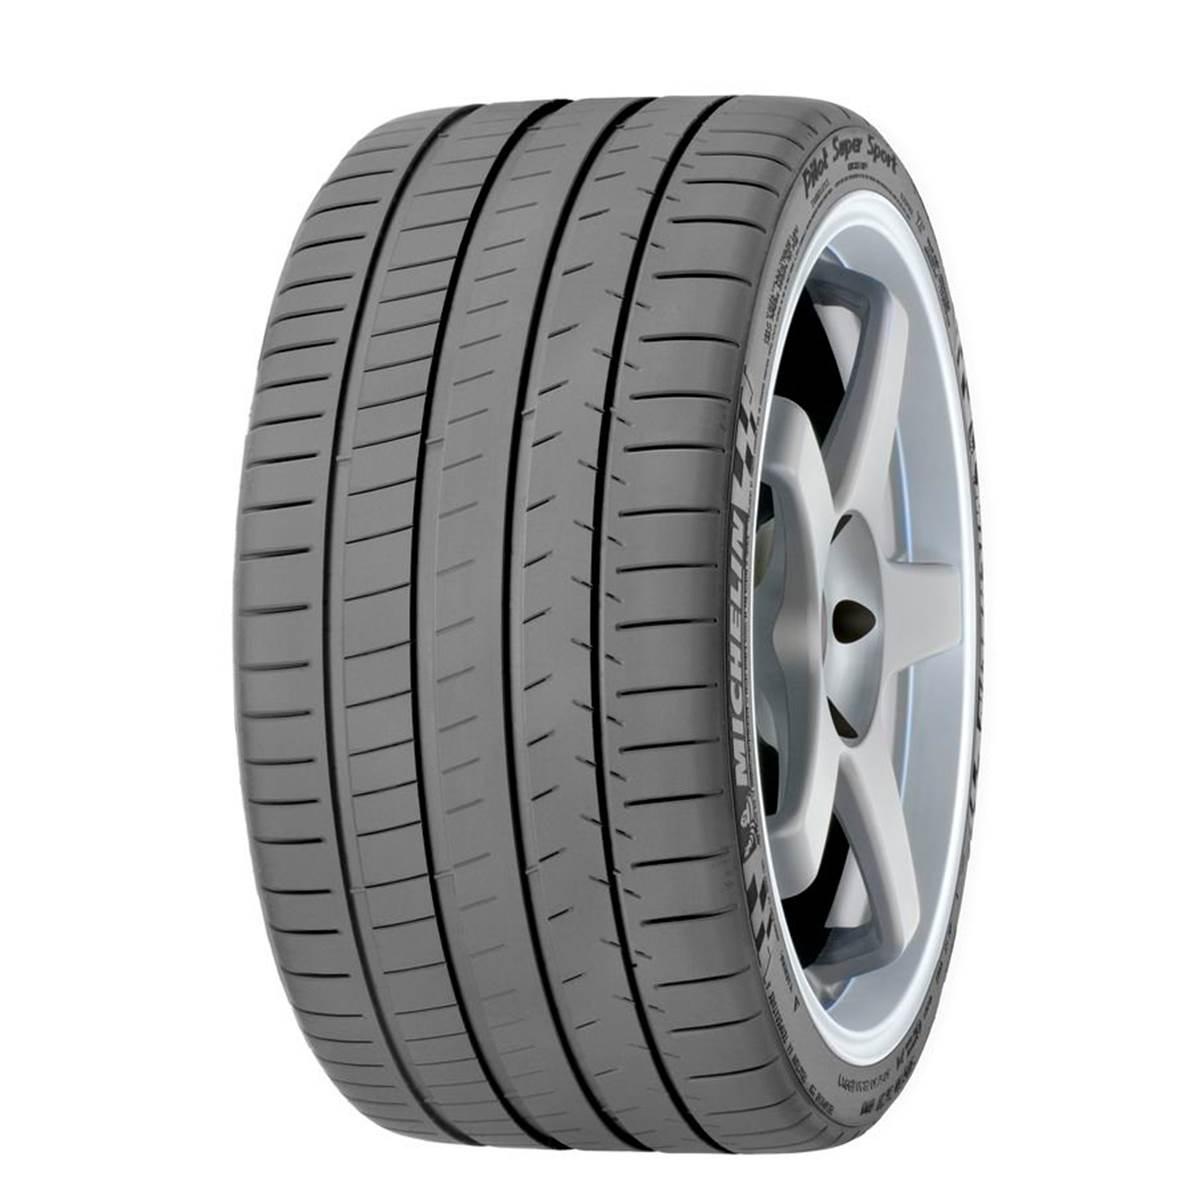 Michelin Pilot Super Sport Zp Xl